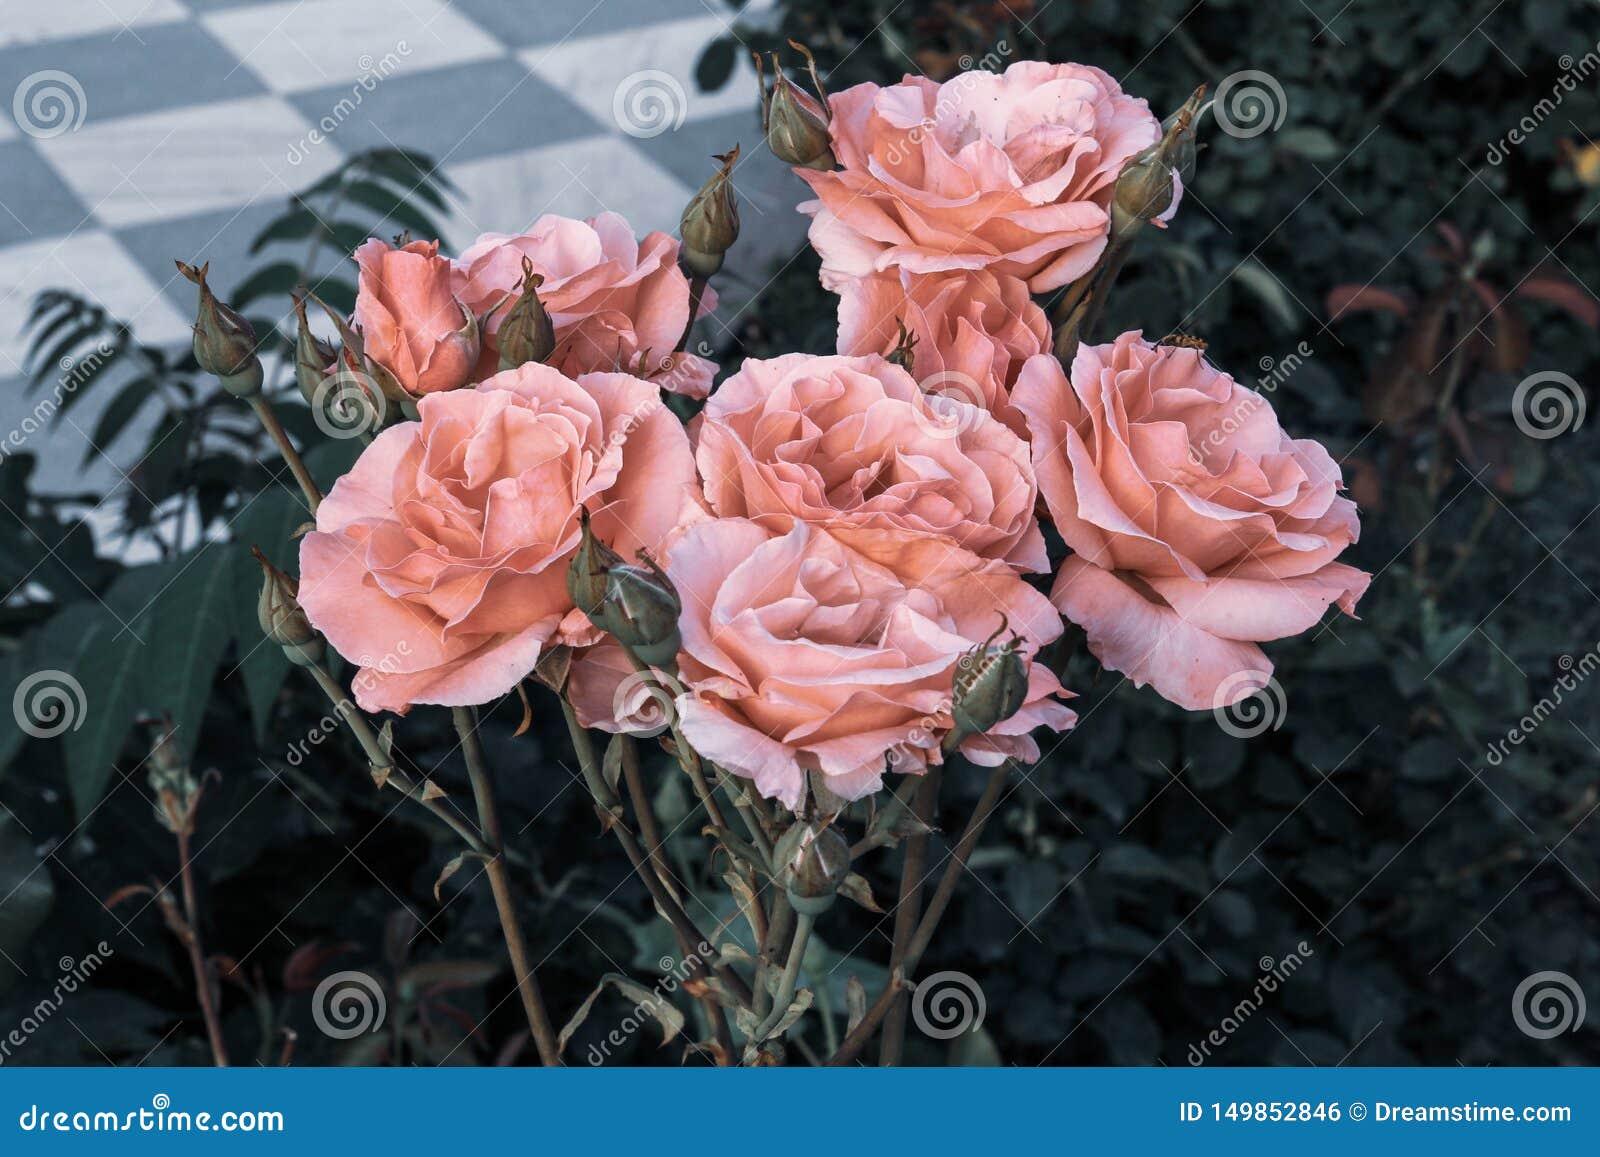 Het dichte Uitstekende Mooie Boeket Roze Rozen sjofele elegante romantische verse kijken